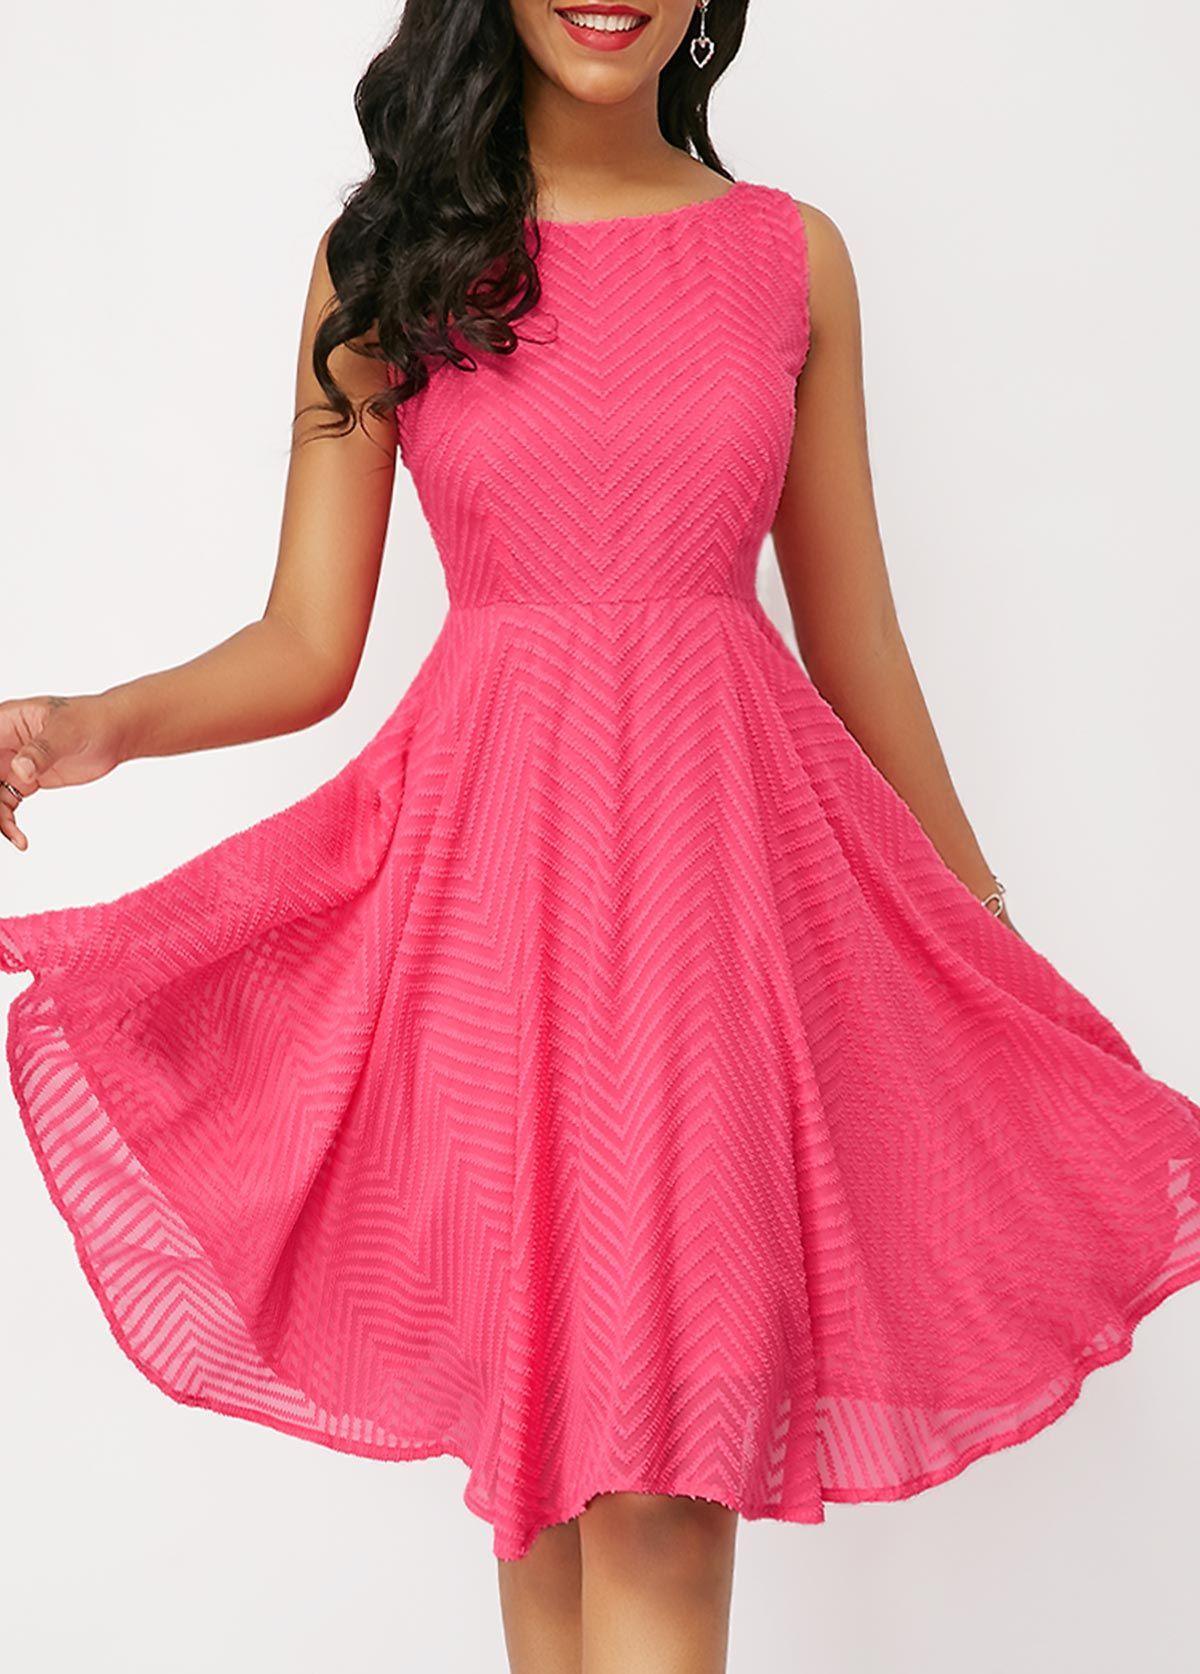 Chevron pattern cutout back pink dress usd